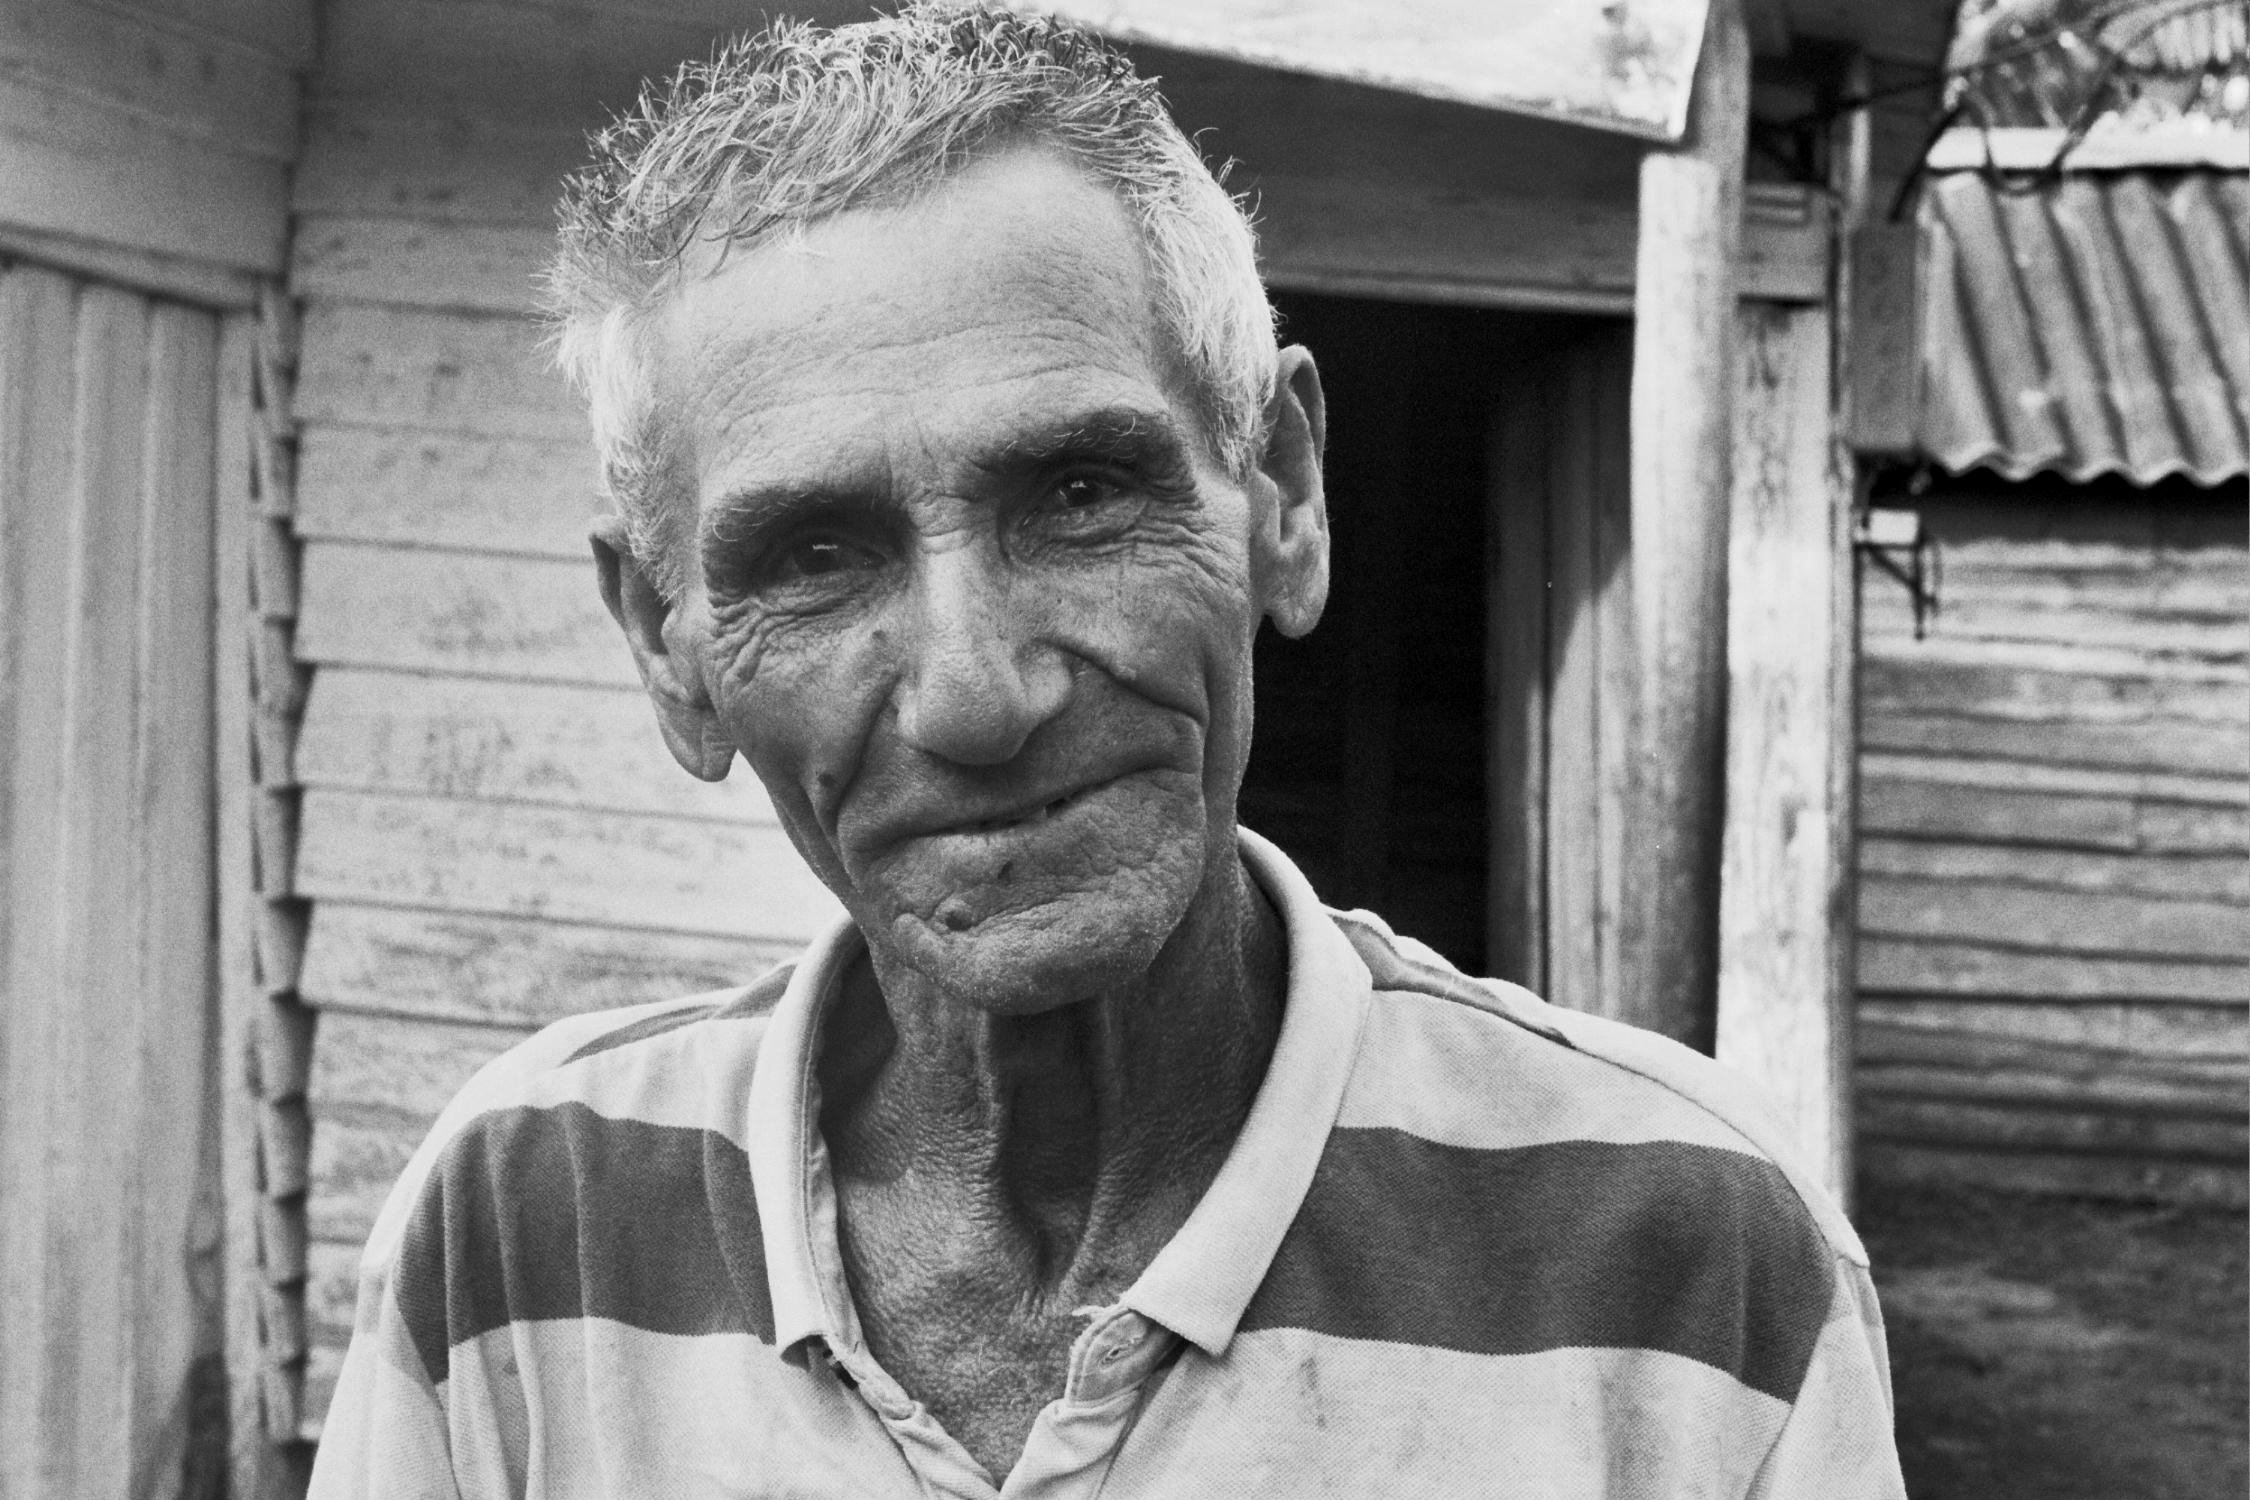 Vinales, Cuba, 2018